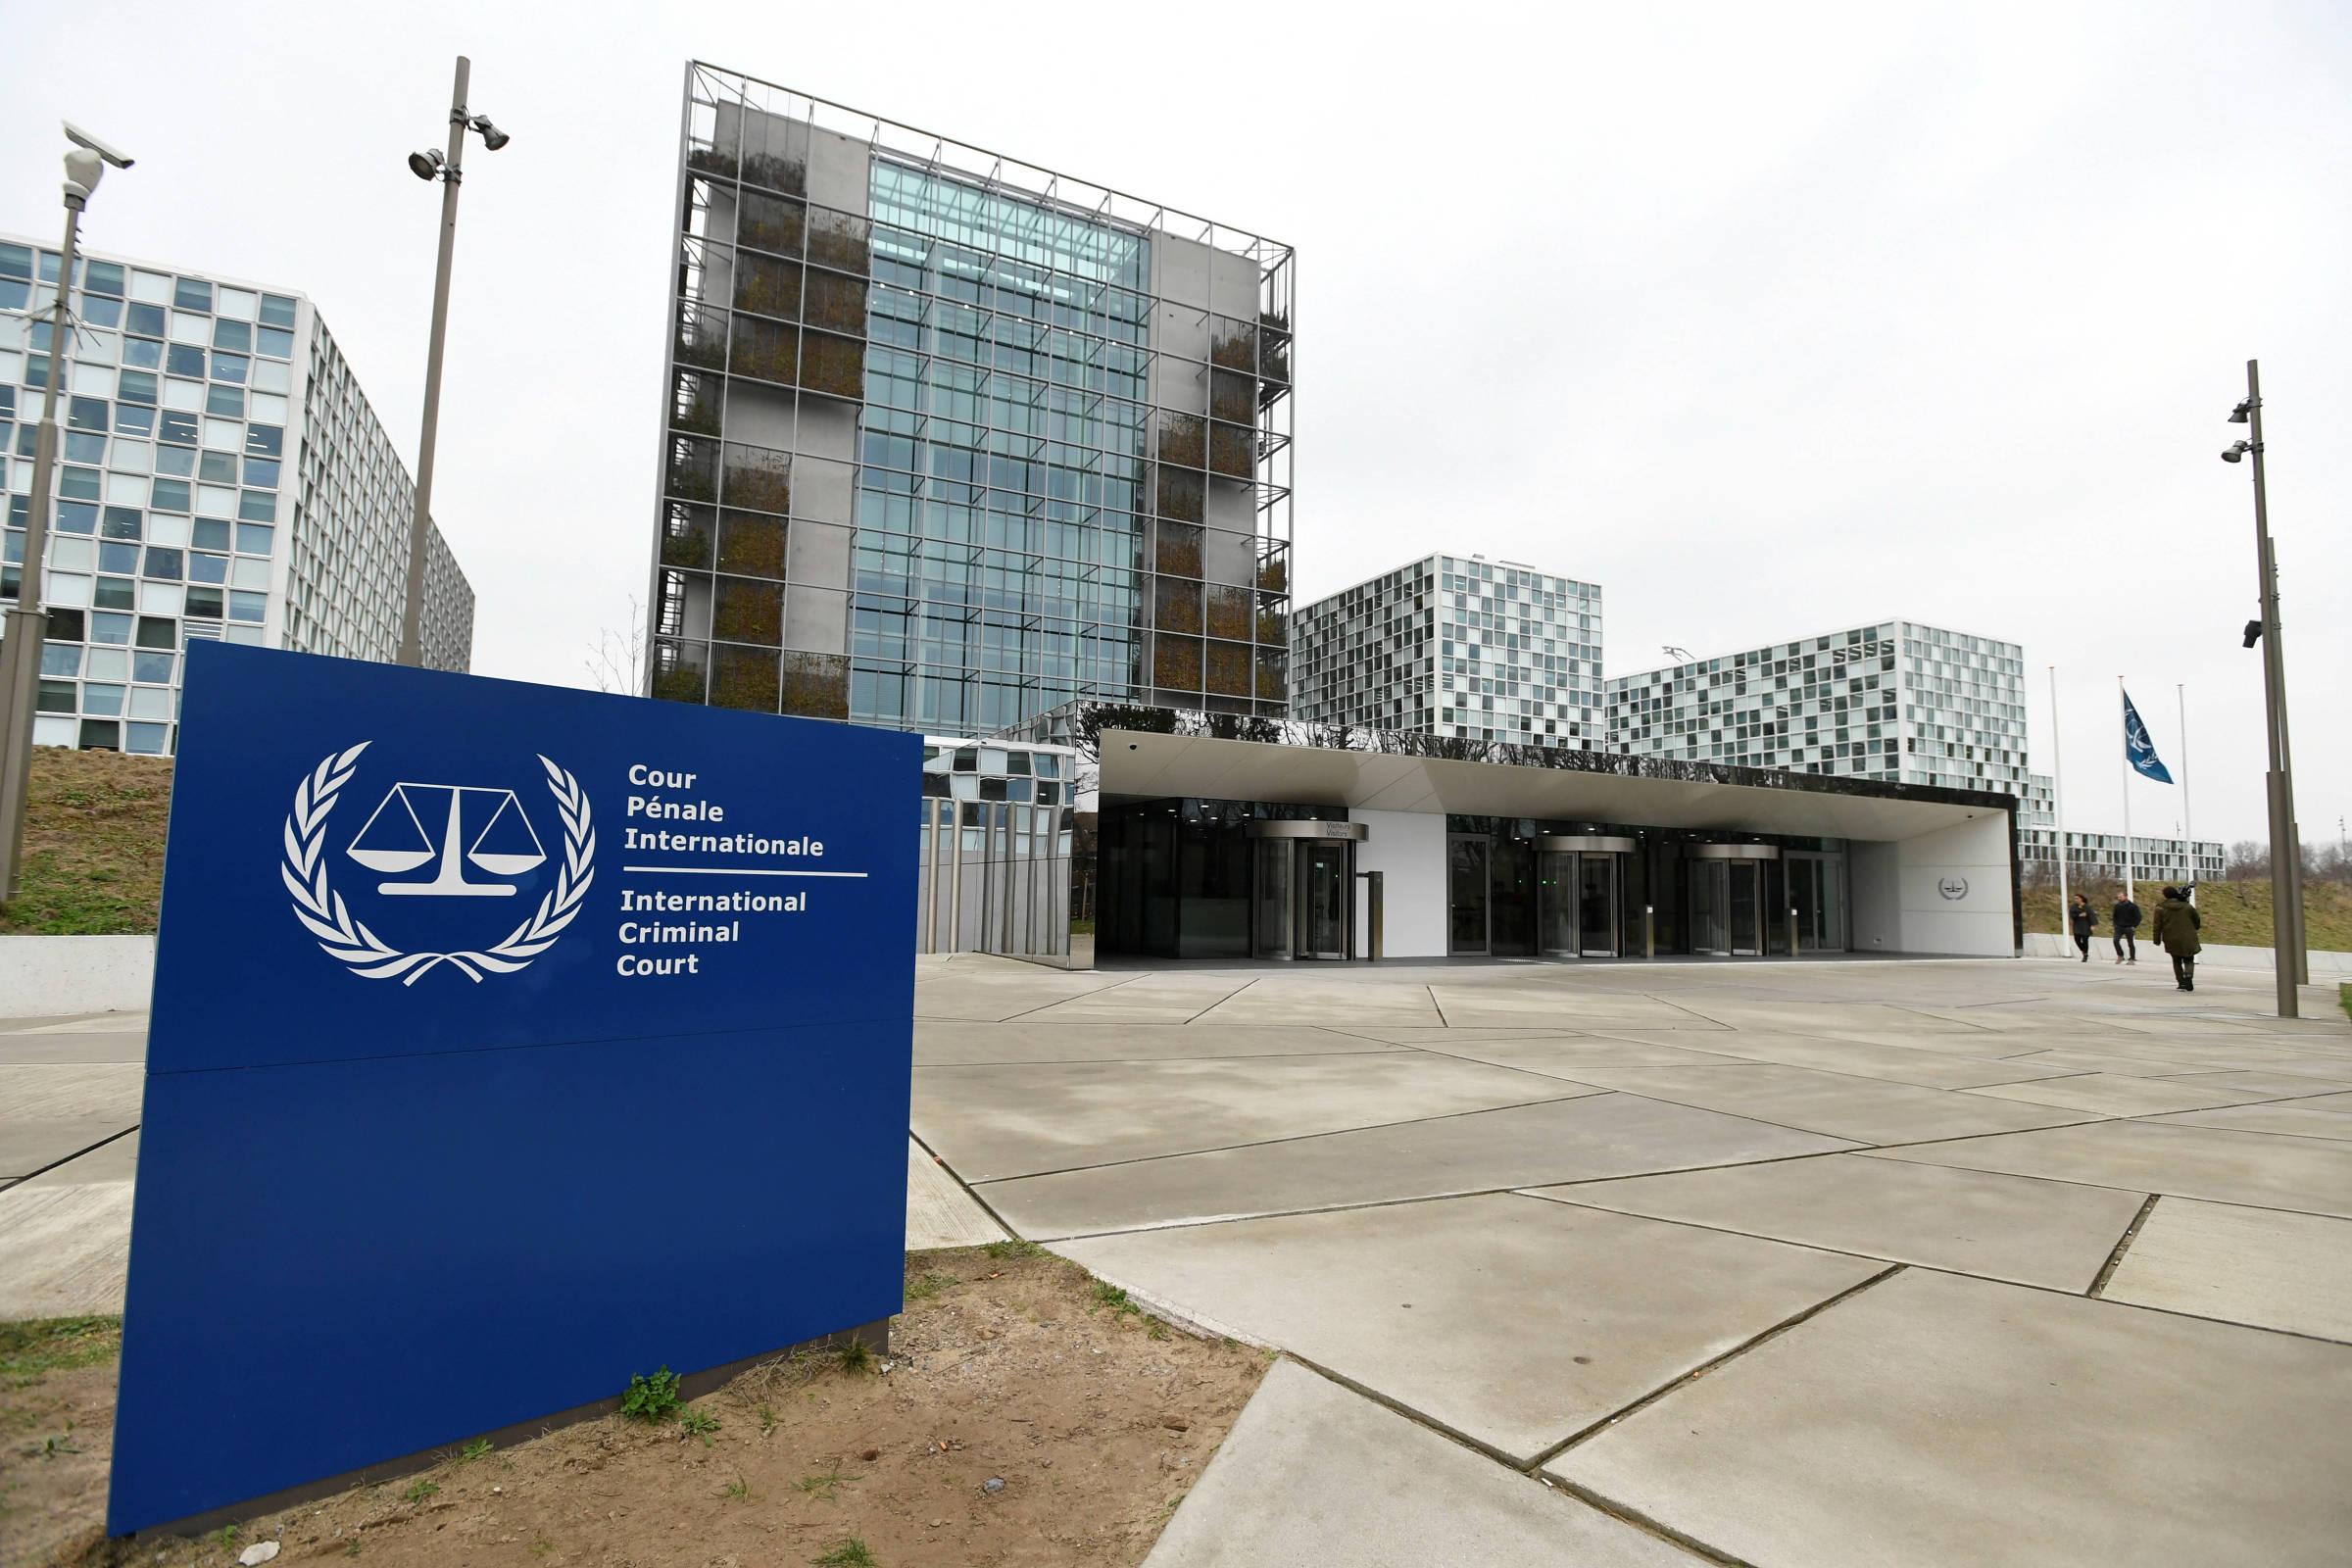 O Tribunal Penal Internacional rejeita mais de 90% do pedido de investigação - 29 de julho de 2020. - O mundo